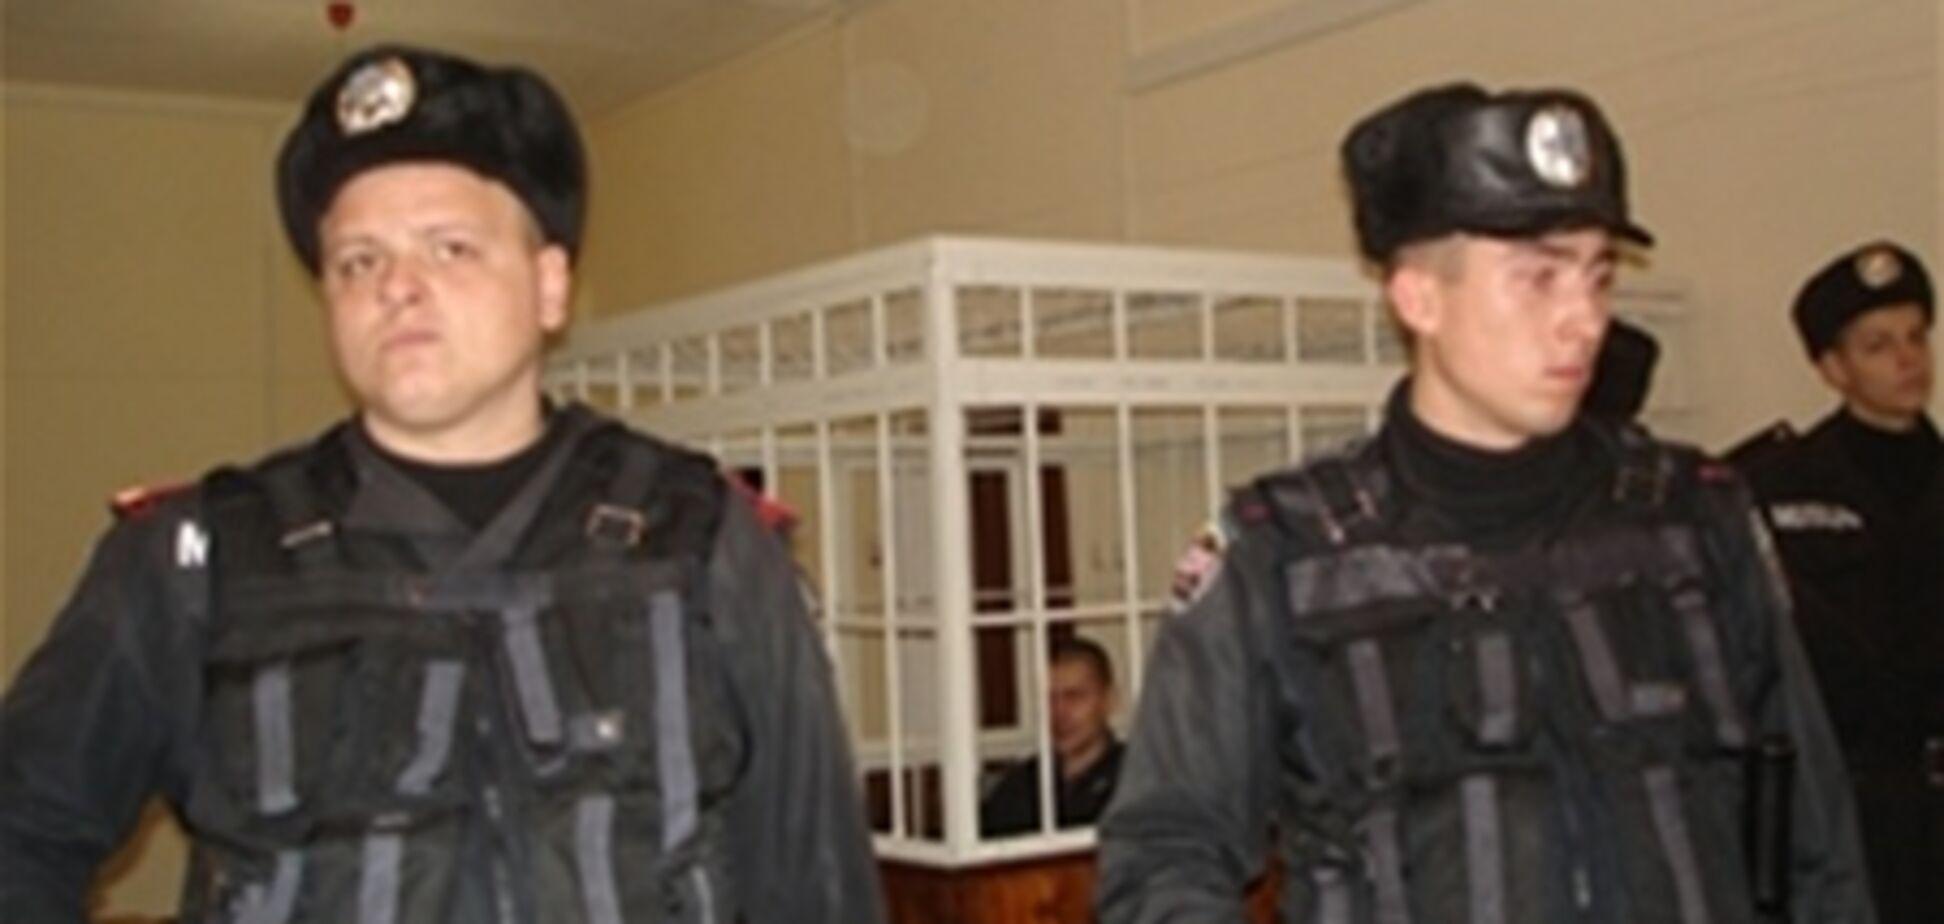 Мучителі Оксани Макар в суді жартували і передавали привіт друзям. Відео